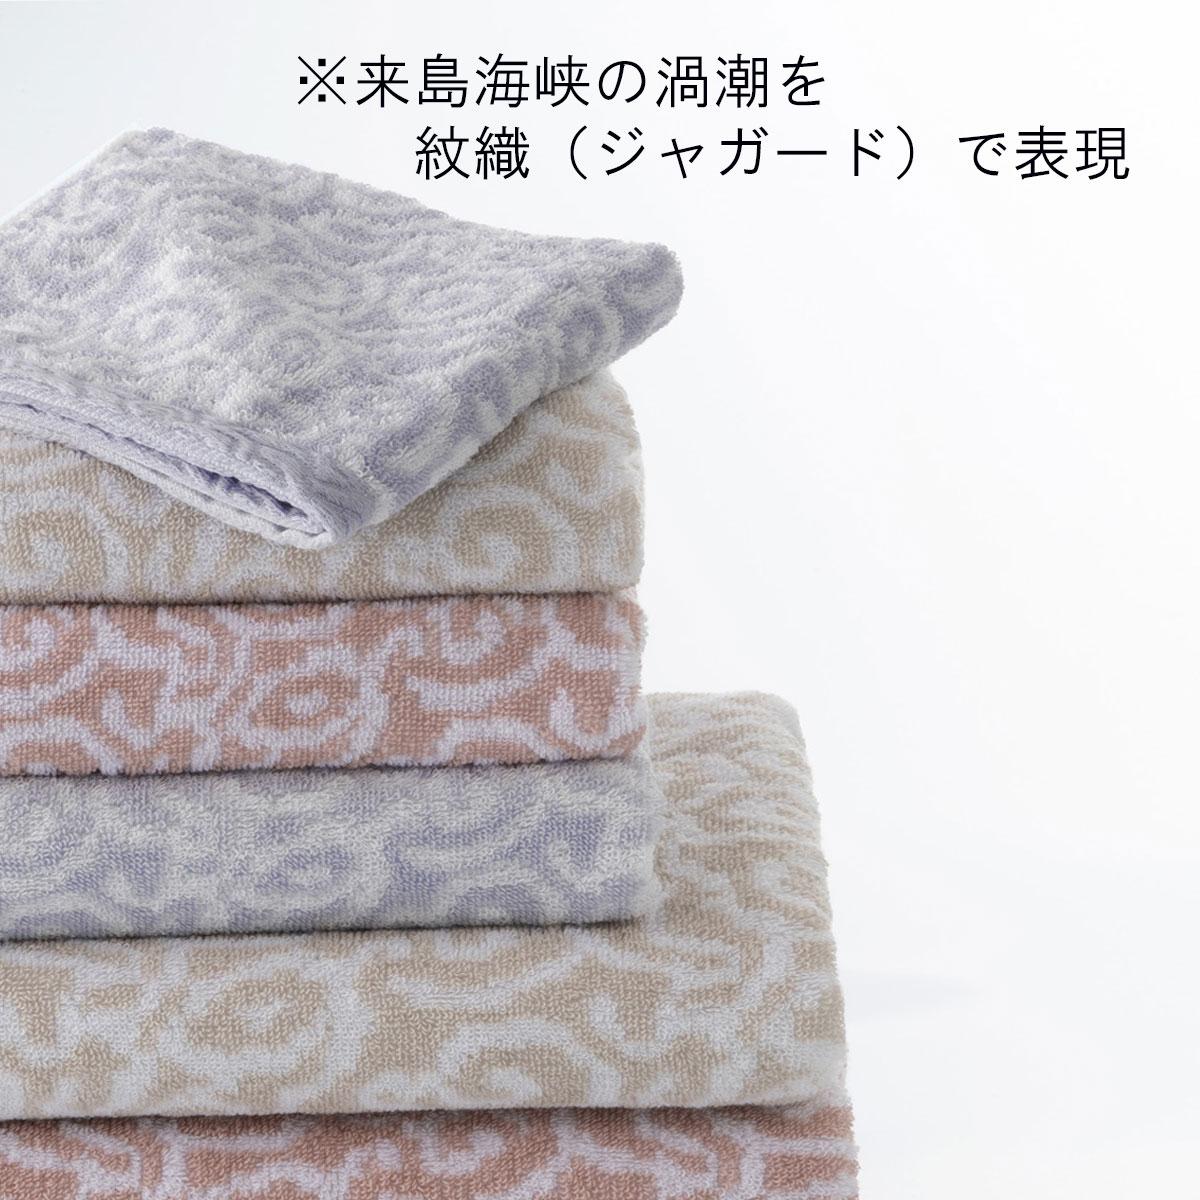 今治謹製 紋織タオル バスタオル/ウォッシュタオル